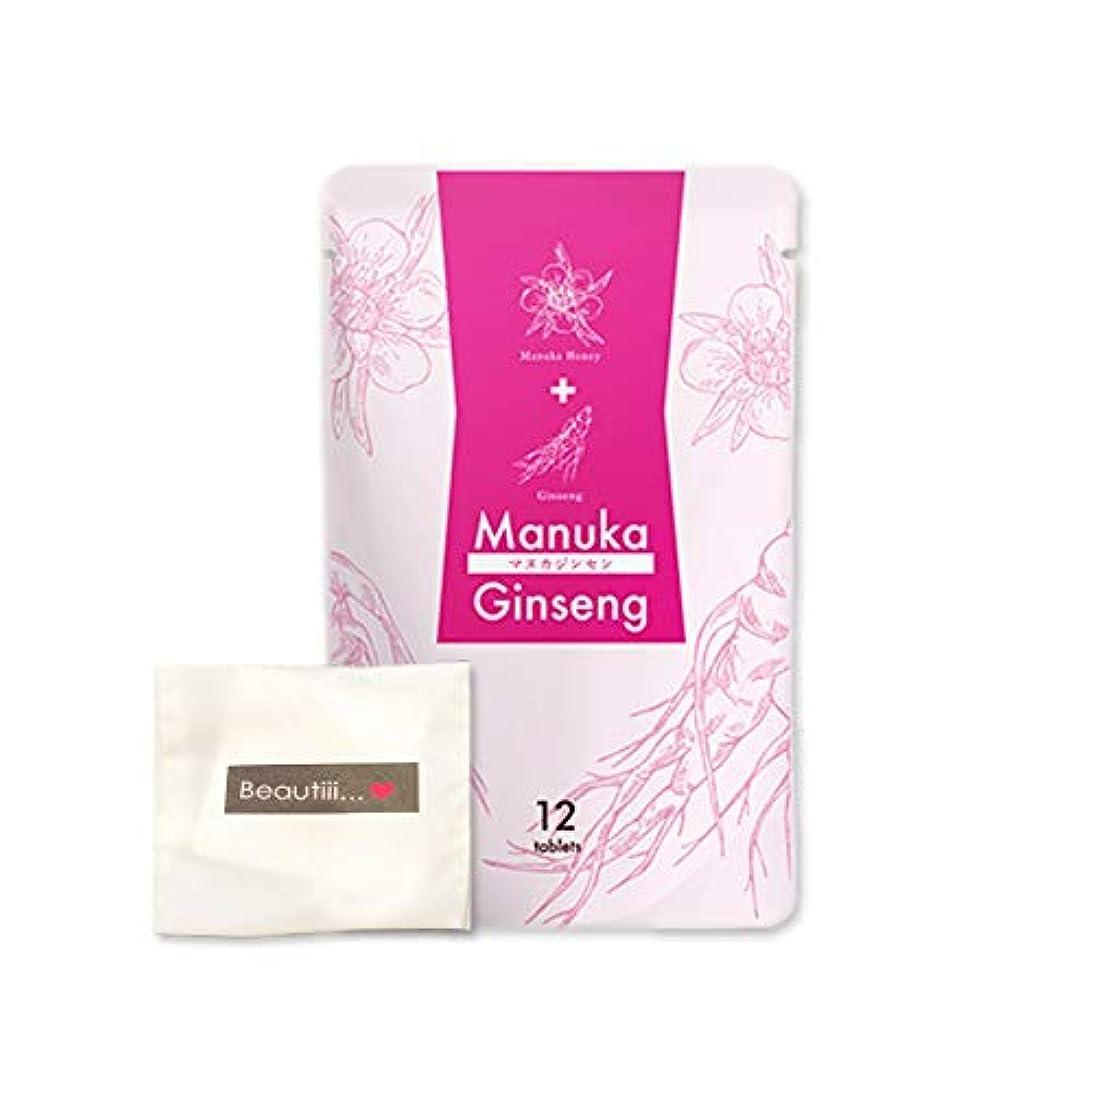 おばあさん底振り向くマヌカジンセン Manuka Ginseng (1袋6日分)【Beautiiiギフトセット付属】食生活サポートサプリメント